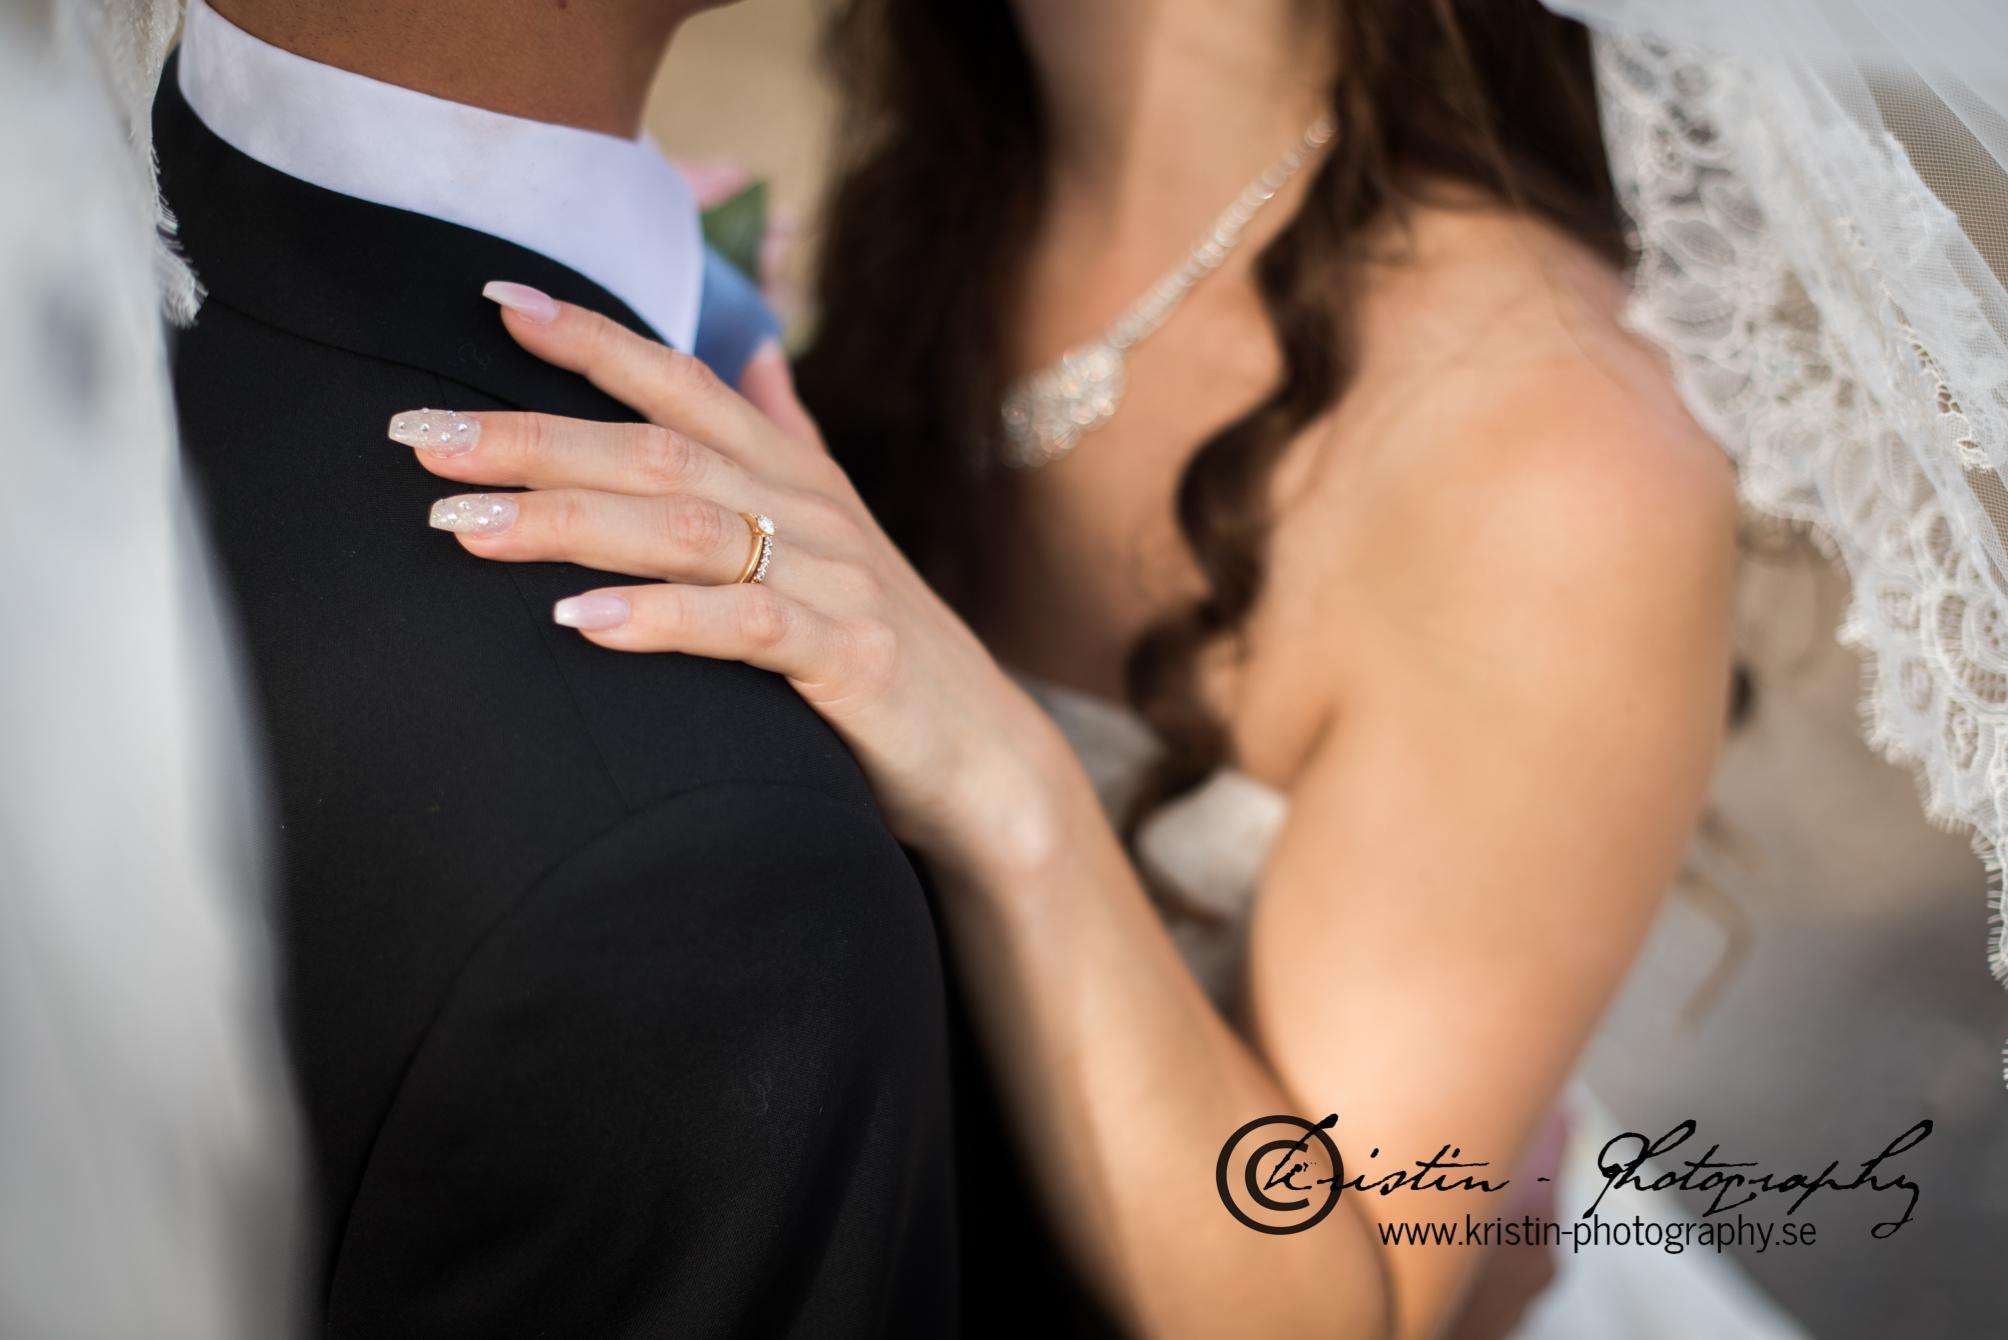 Bröllopsfotograf i Eskilstuna, Kristin - Photography, weddingphotographer -294.jpg